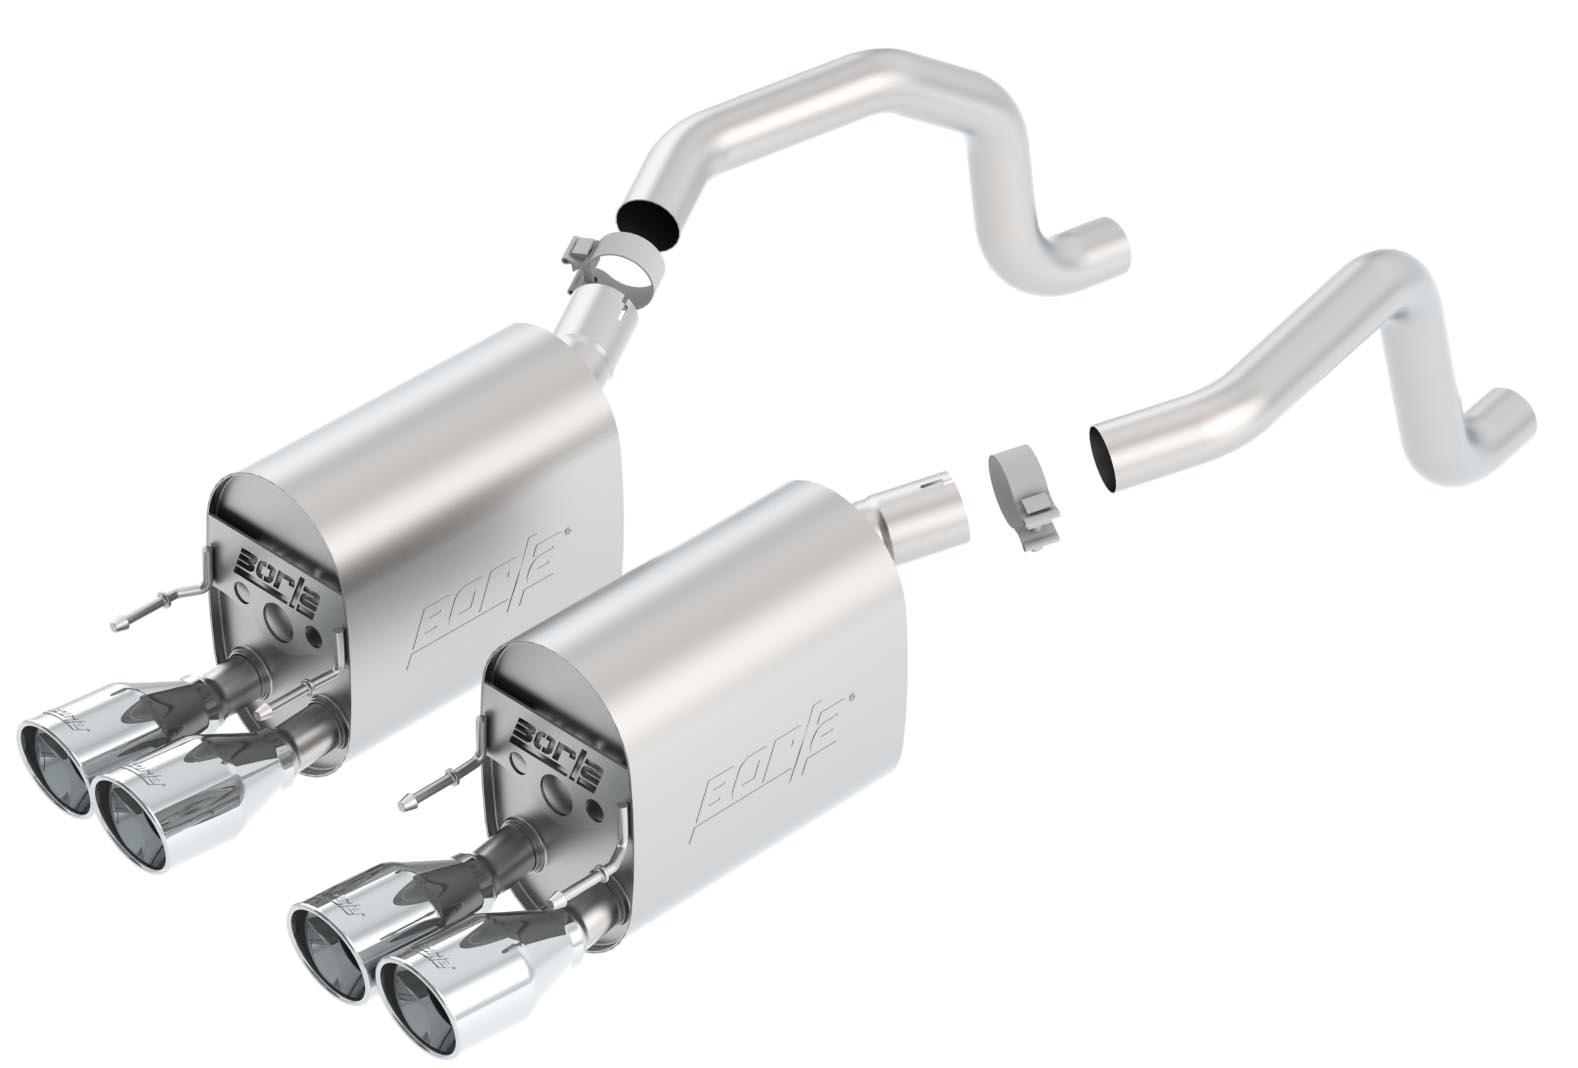 Borla 11811 C6 Sport Exhaust